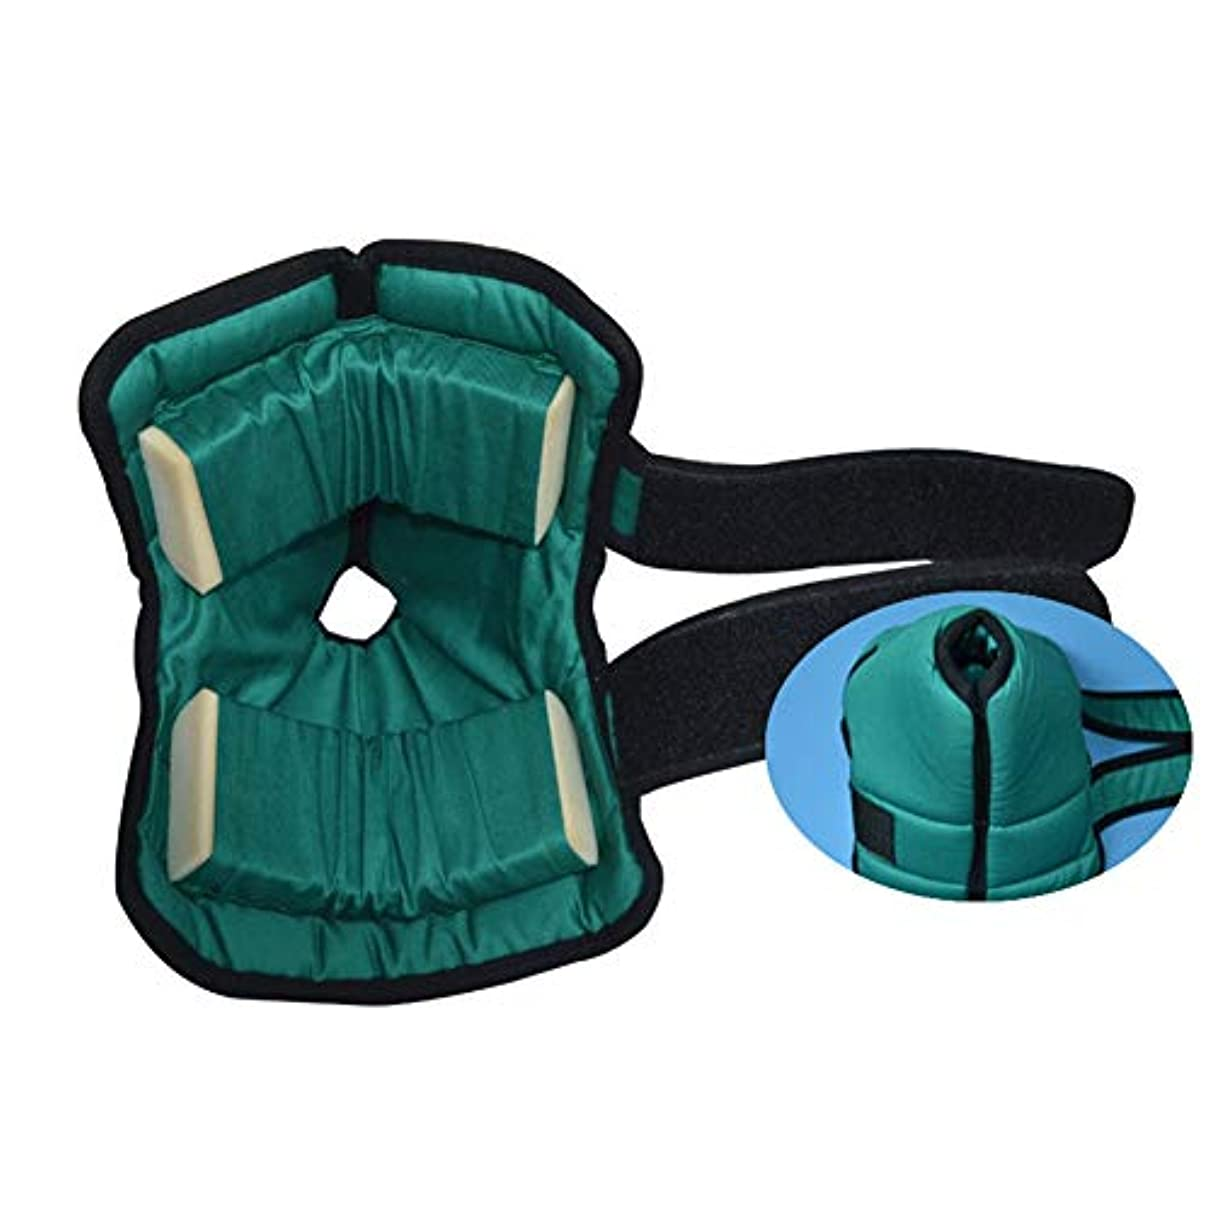 乱闘ちらつきシャイニングかかとプロテクター枕、足枕かかとクッションプロテクター、Pressure瘡予防のためのアキレス腱プロテクター、高齢者の足の補正カバー-1ペア